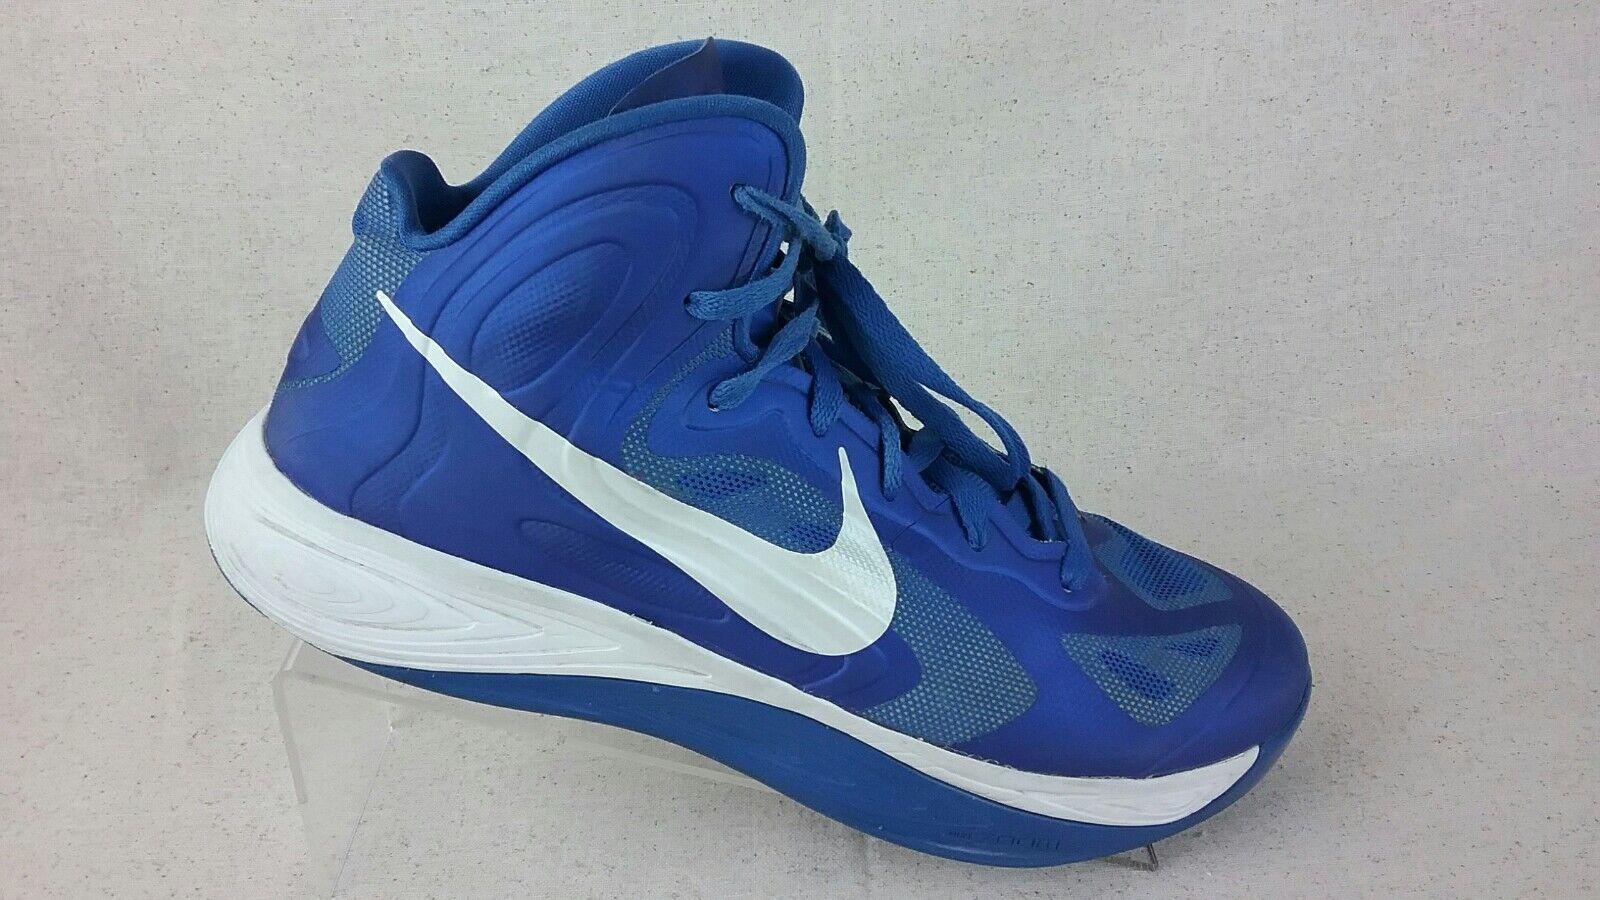 la dernière remise de chaussures pour hommes et femmes basket confortables nike hyperfuse lacer chaussures confortables basket hommes c2e112